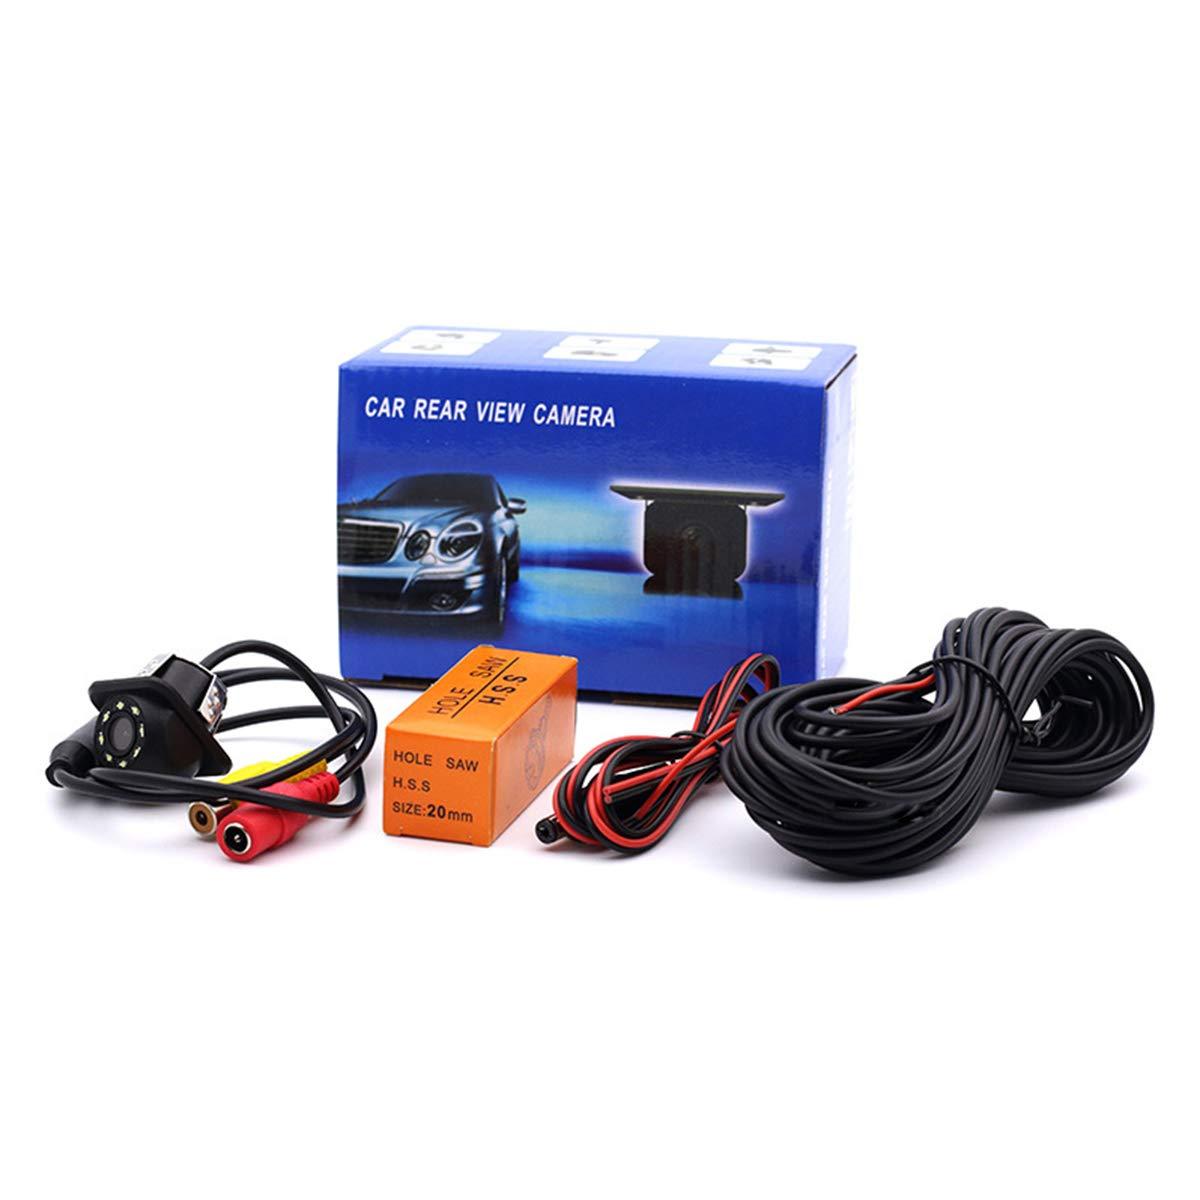 8 LED HD CCD coche c/ámara de visi/ón trasera Night Vision Gran angular coche c/ámara de visi/ón trasera coche de reversi/ón de copia de seguridad para la c/ámara de monitor de aparcamiento